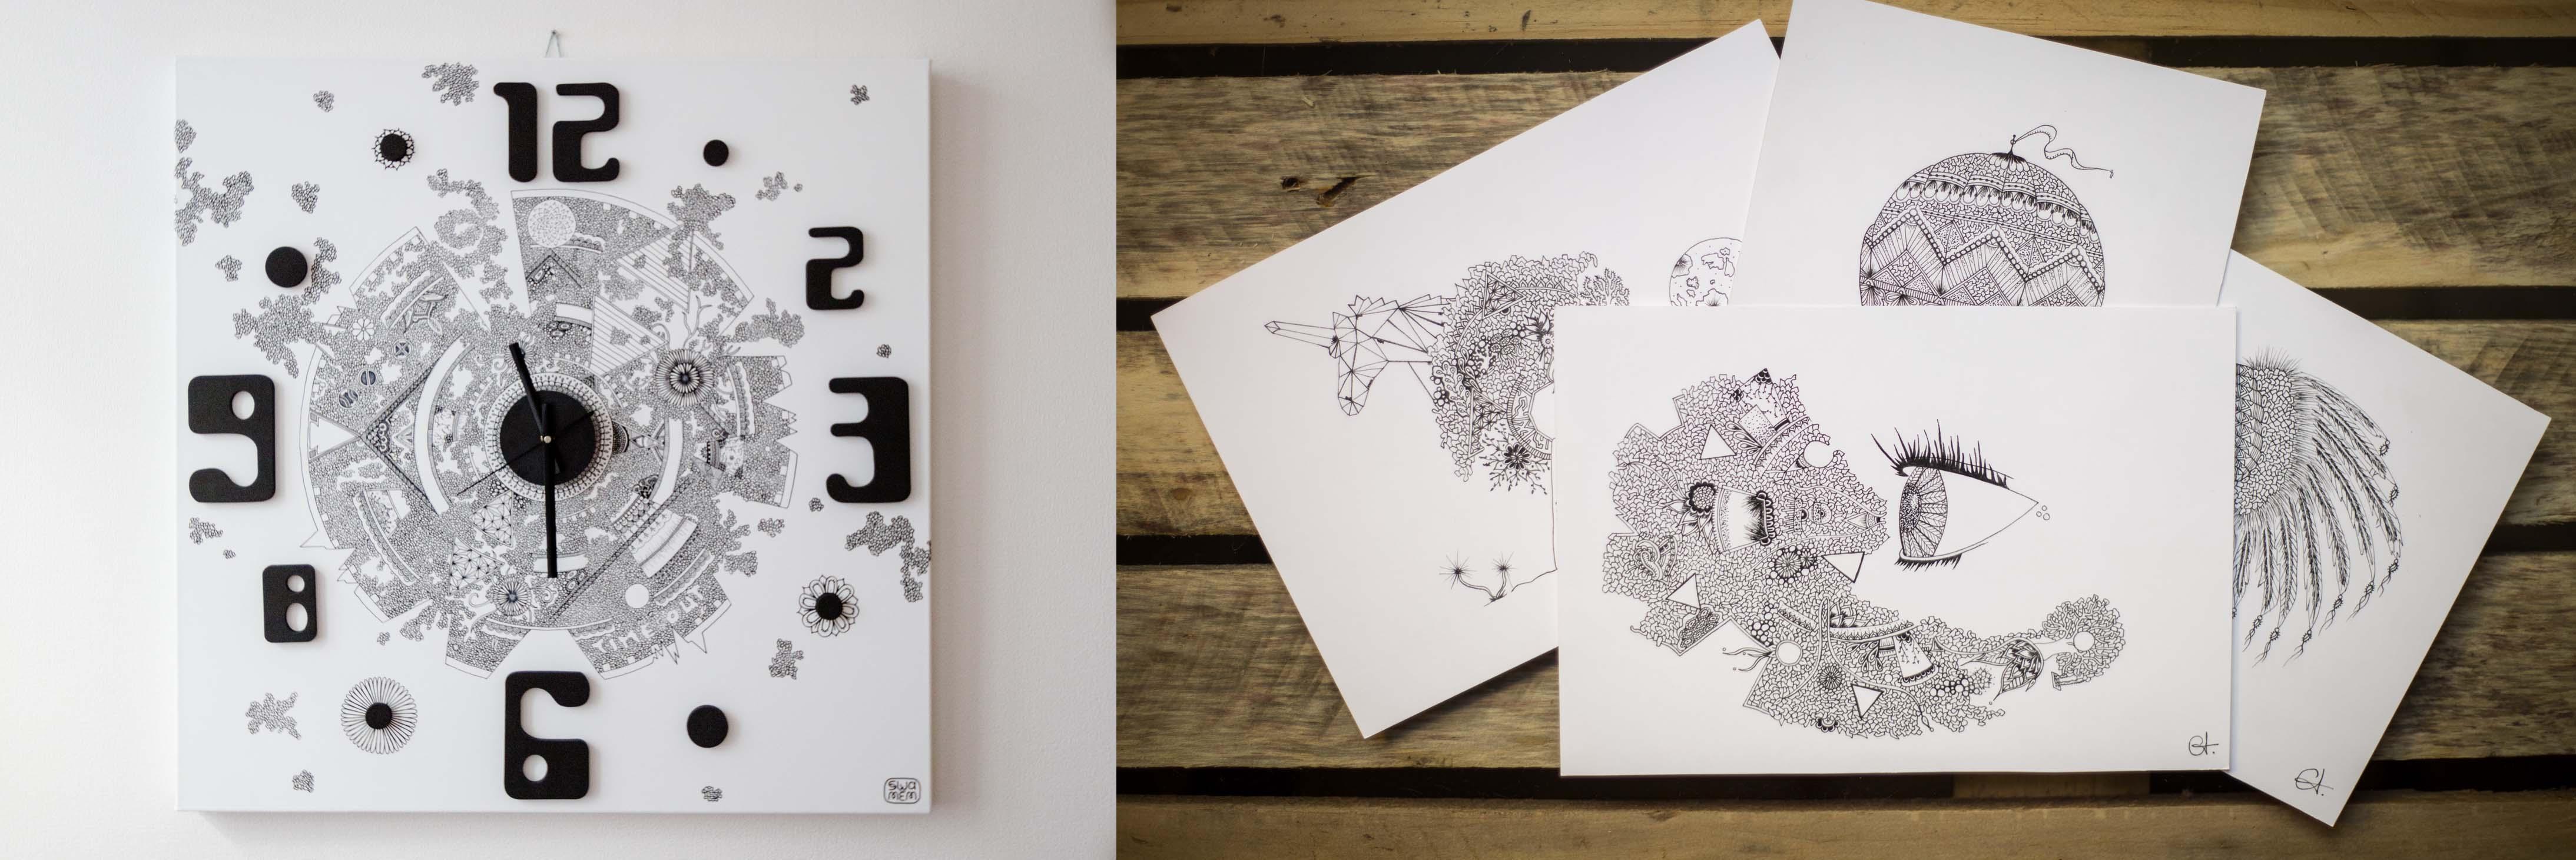 swamem-art-atelier-tableau-horloge-artisanat-carte-postale-faire-part-voeux